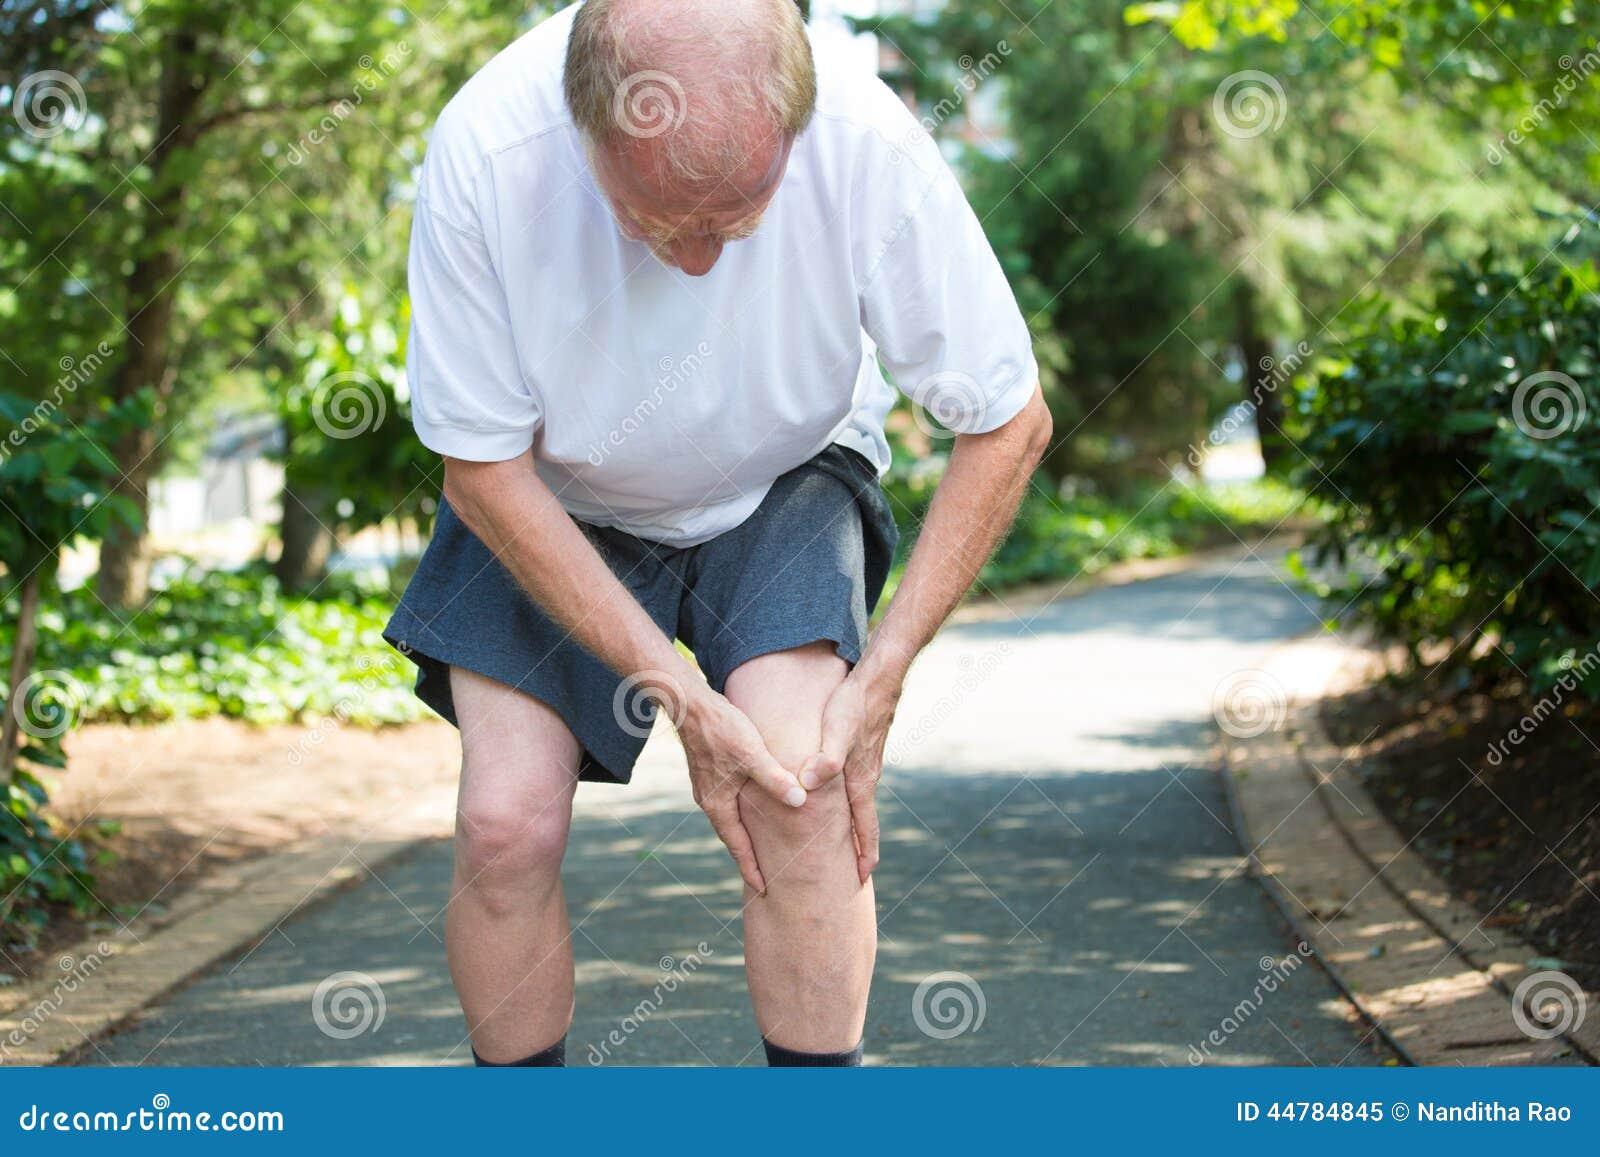 Douleur de genou photo stock image 44784845 for Douleur exterieur genou